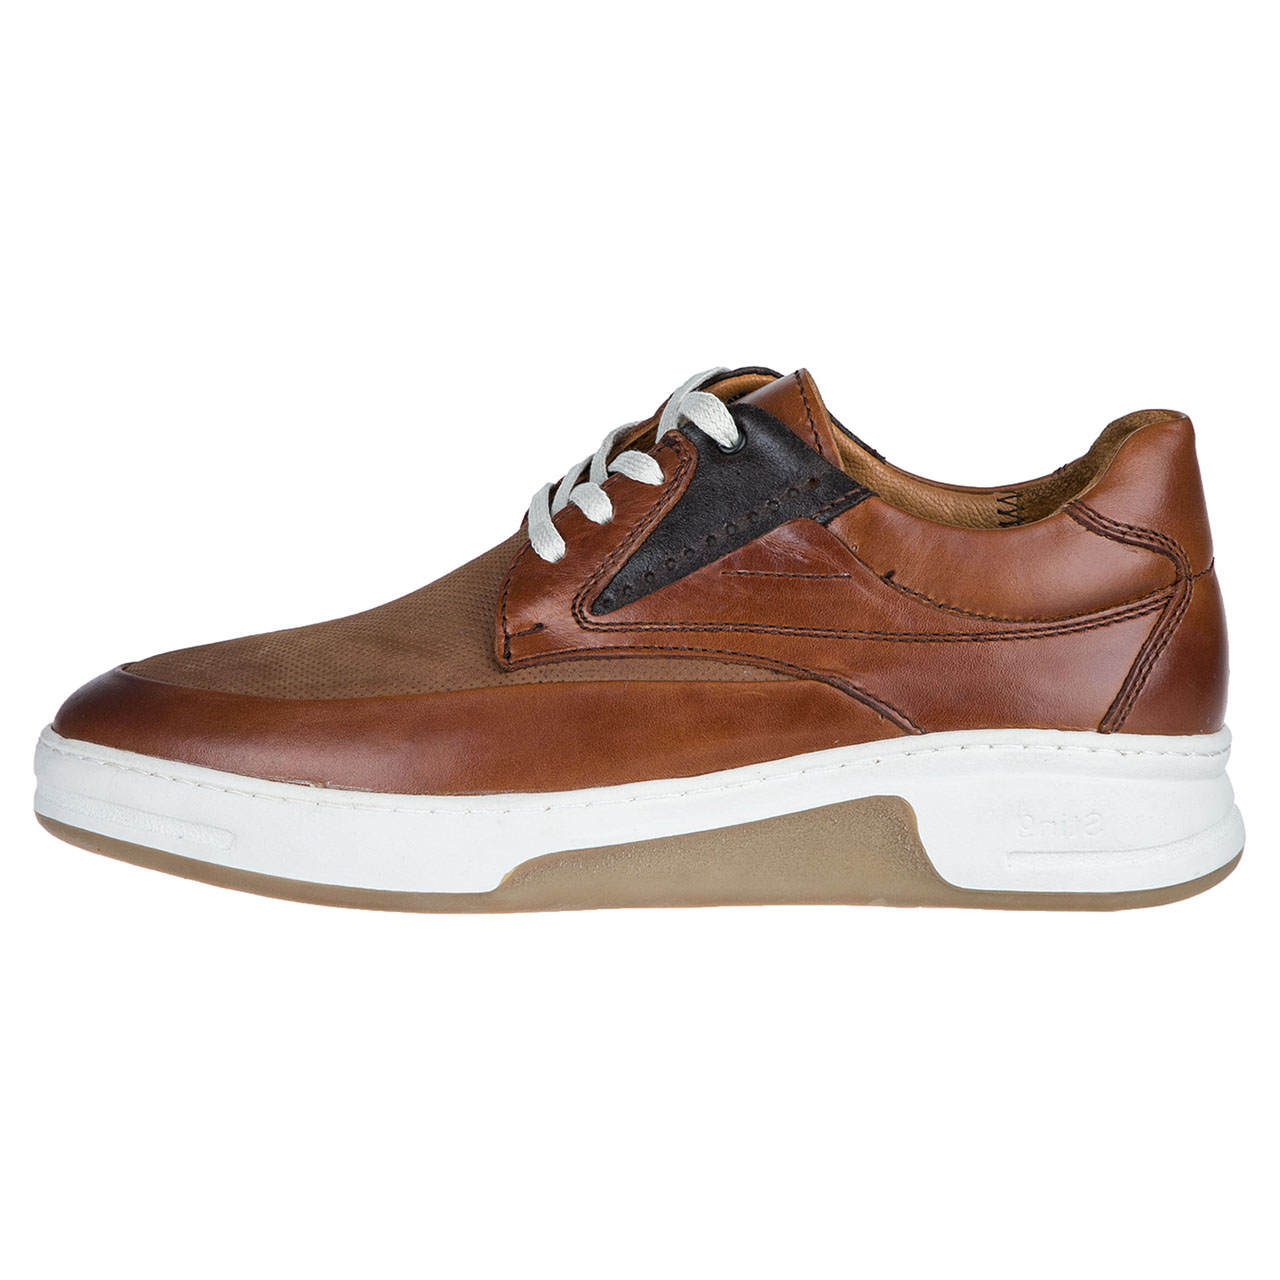 قیمت کفش چرم مردانه استینگ مدل 03 عسلی